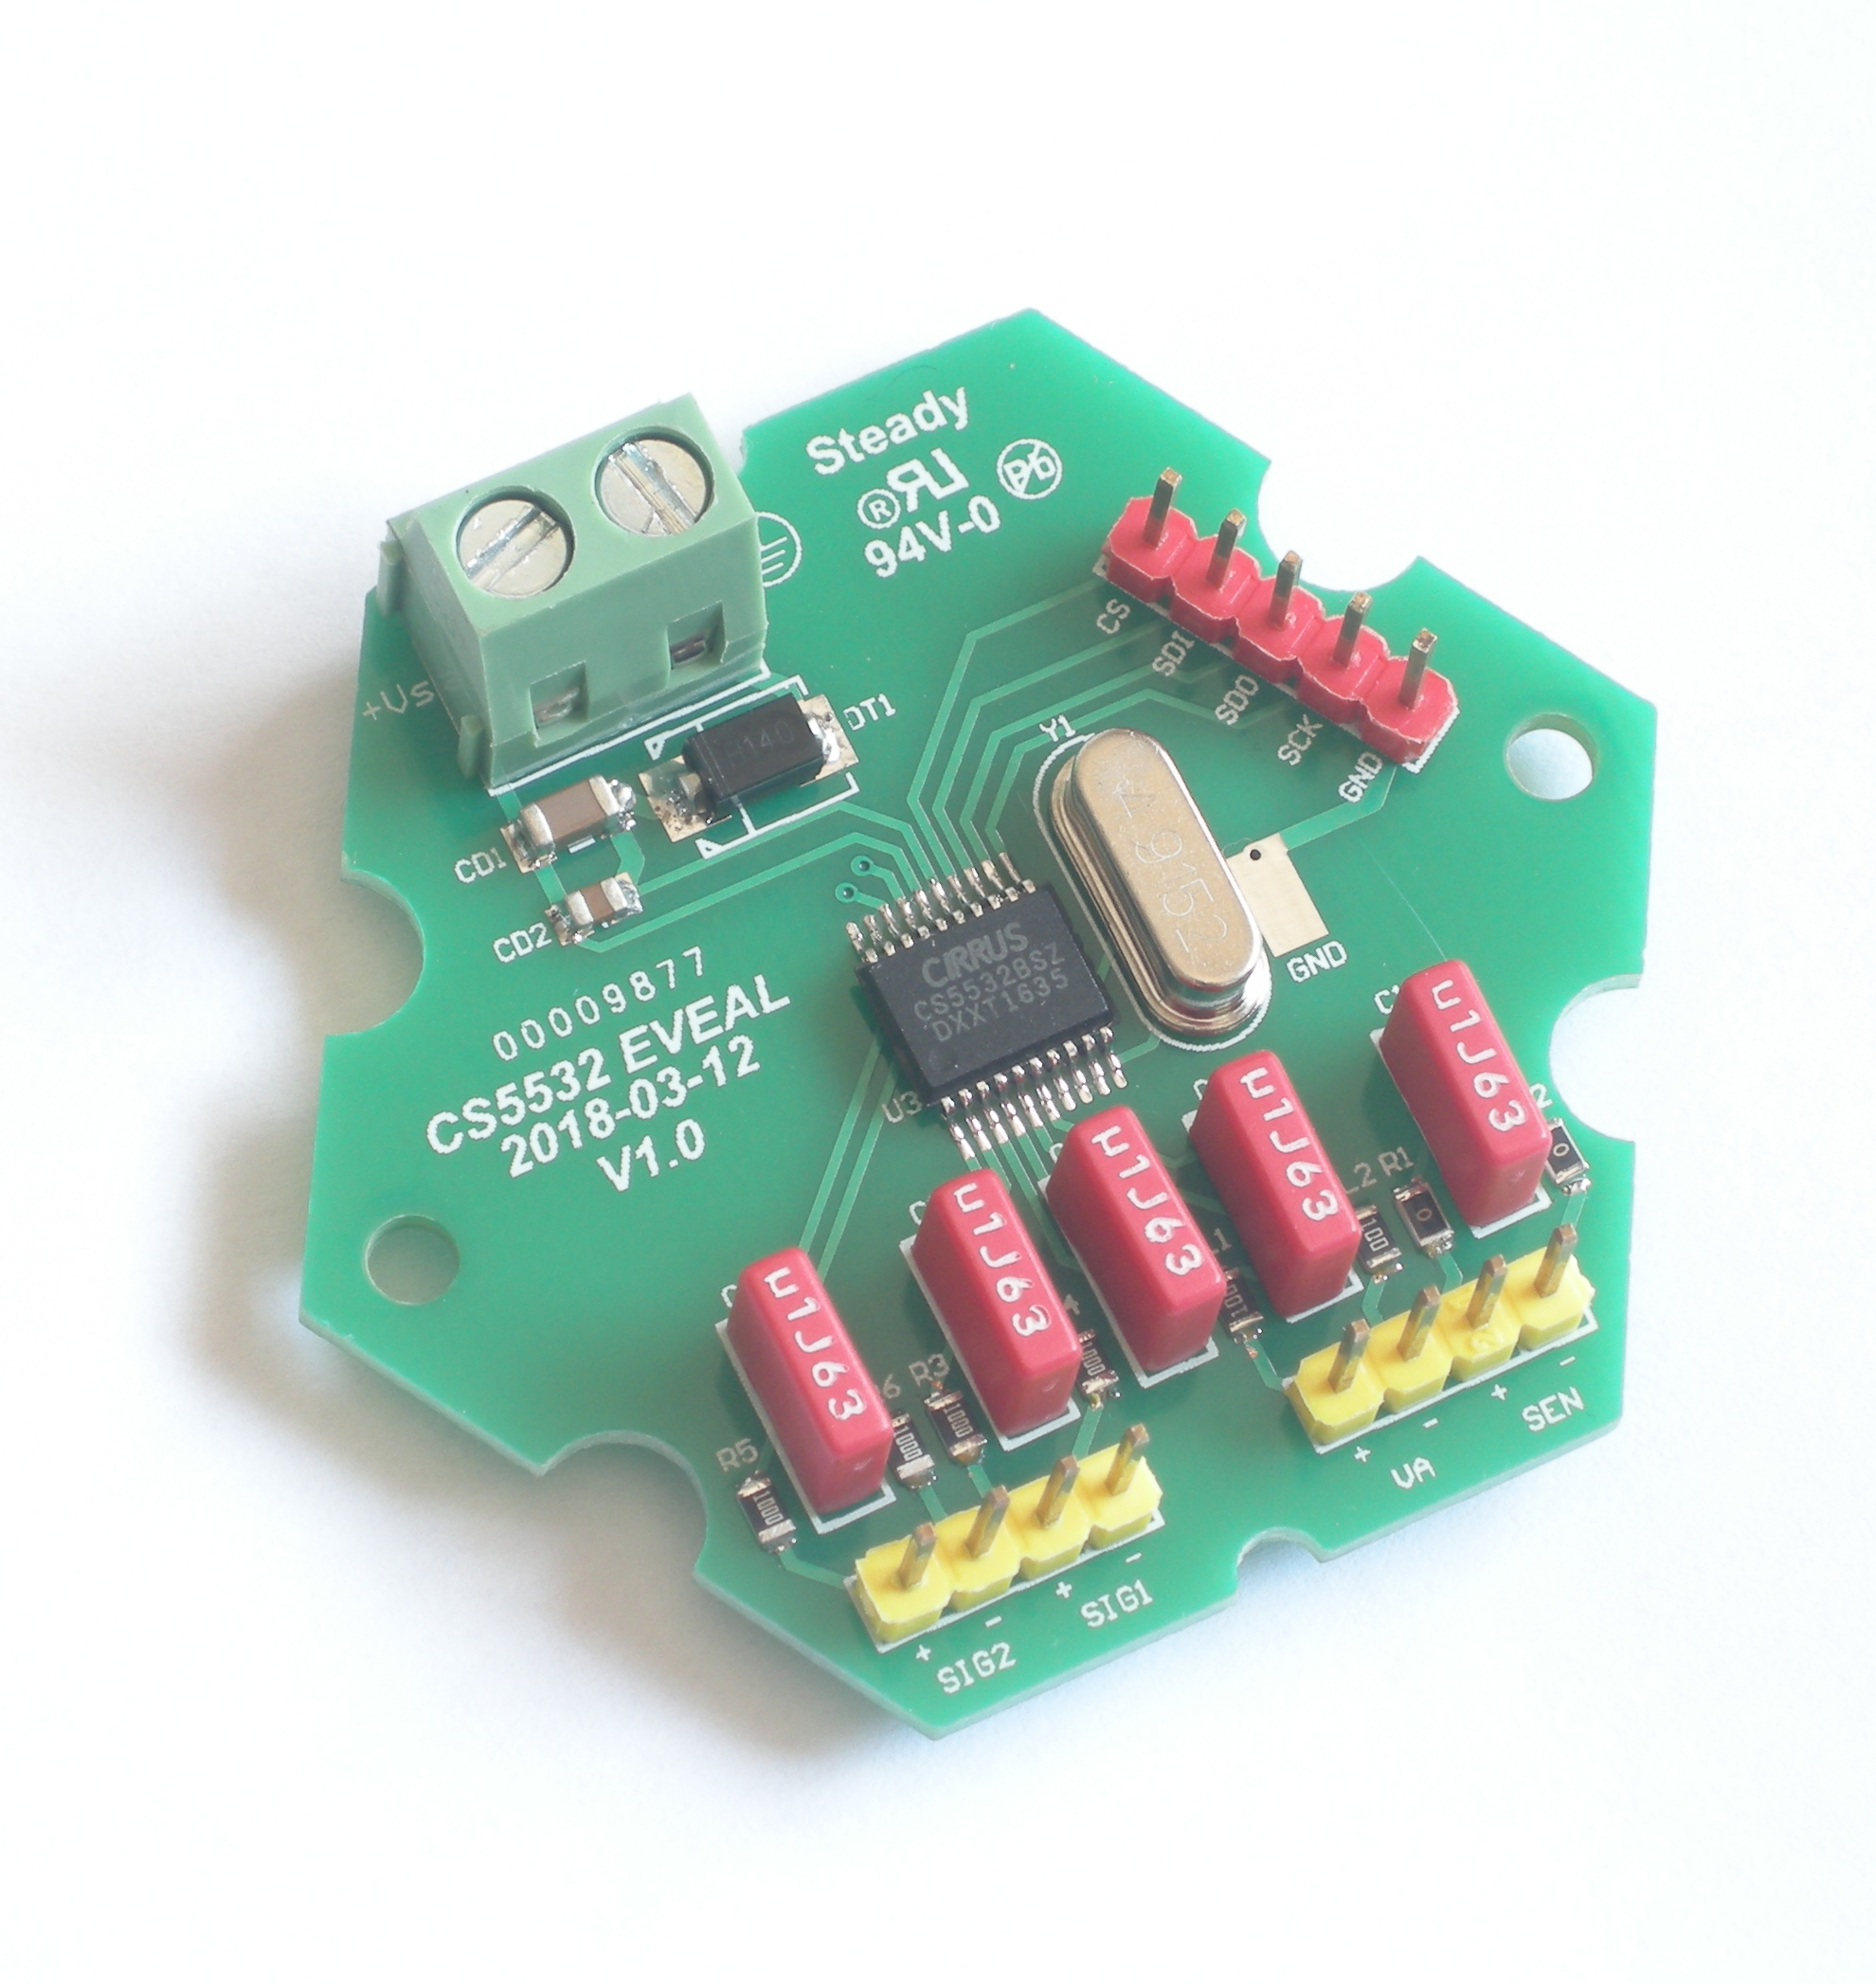 Cs5532 Modulo 24 bitADC di Alta Precisione di PesaturaCs5532 Modulo 24 bitADC di Alta Precisione di Pesatura